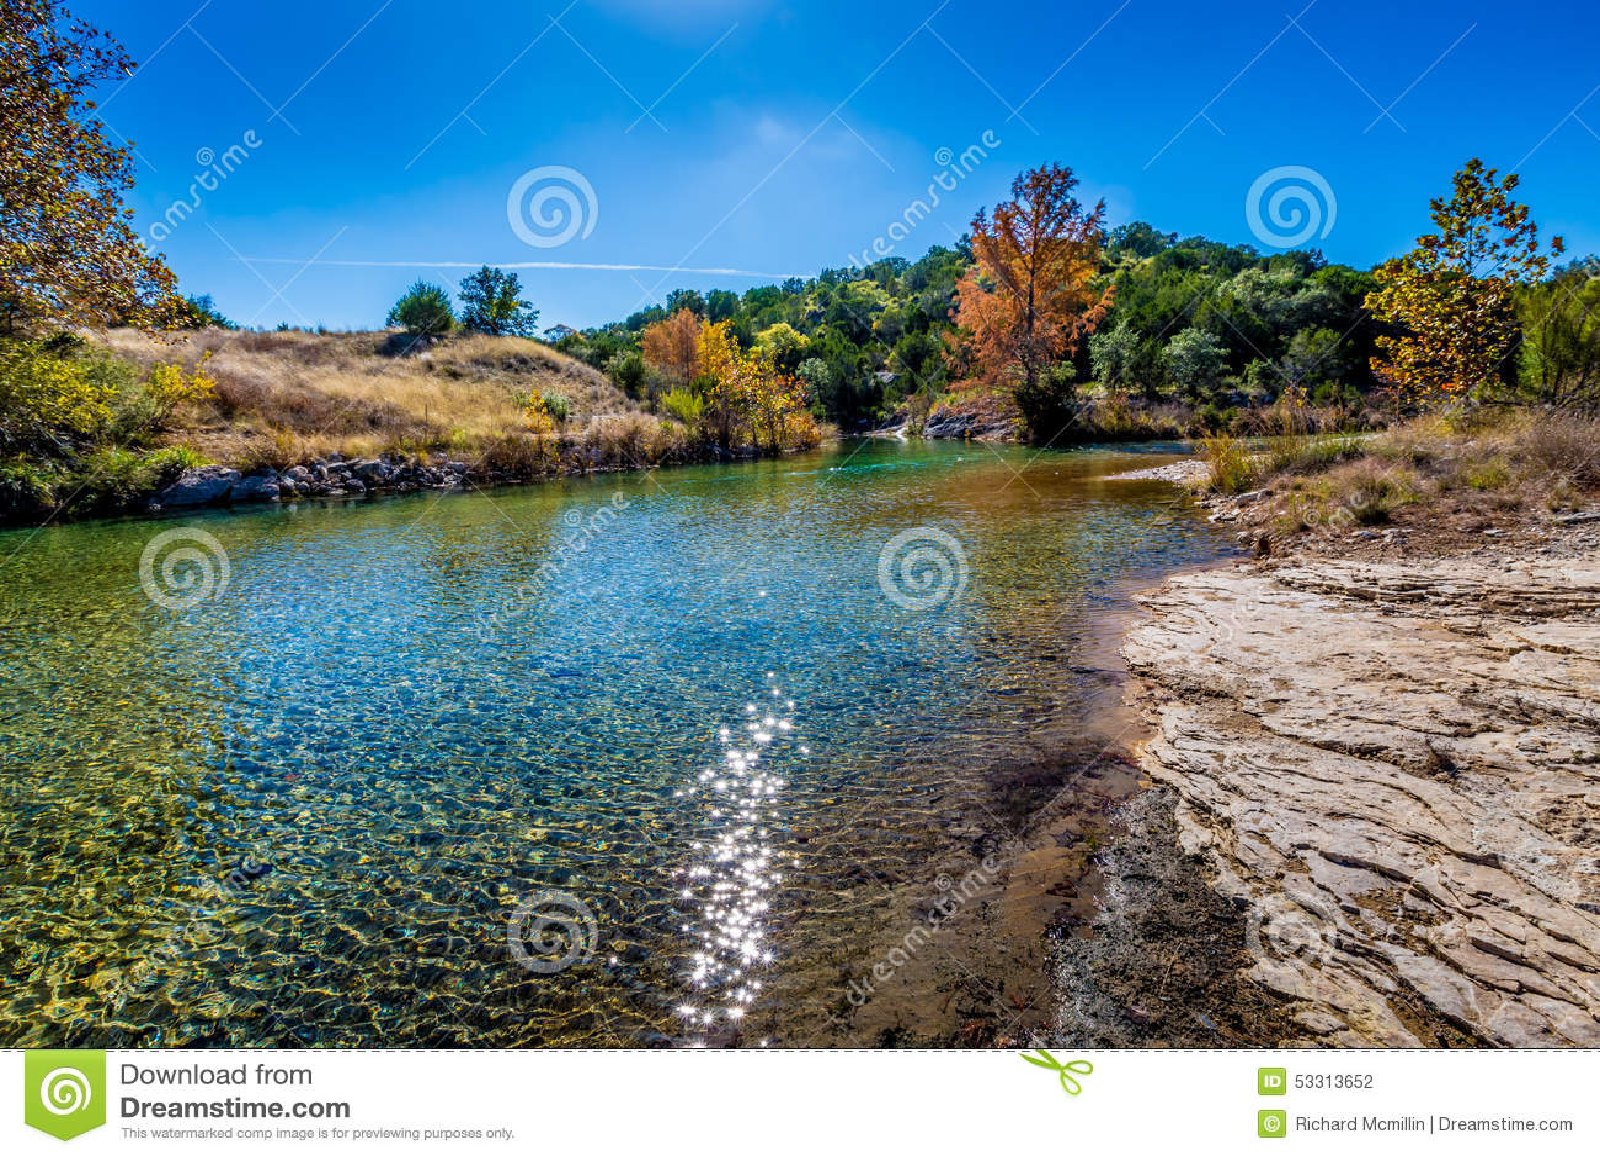 Herbstlaub bei Crystal Clear Creek im Hügel-Land von Texas